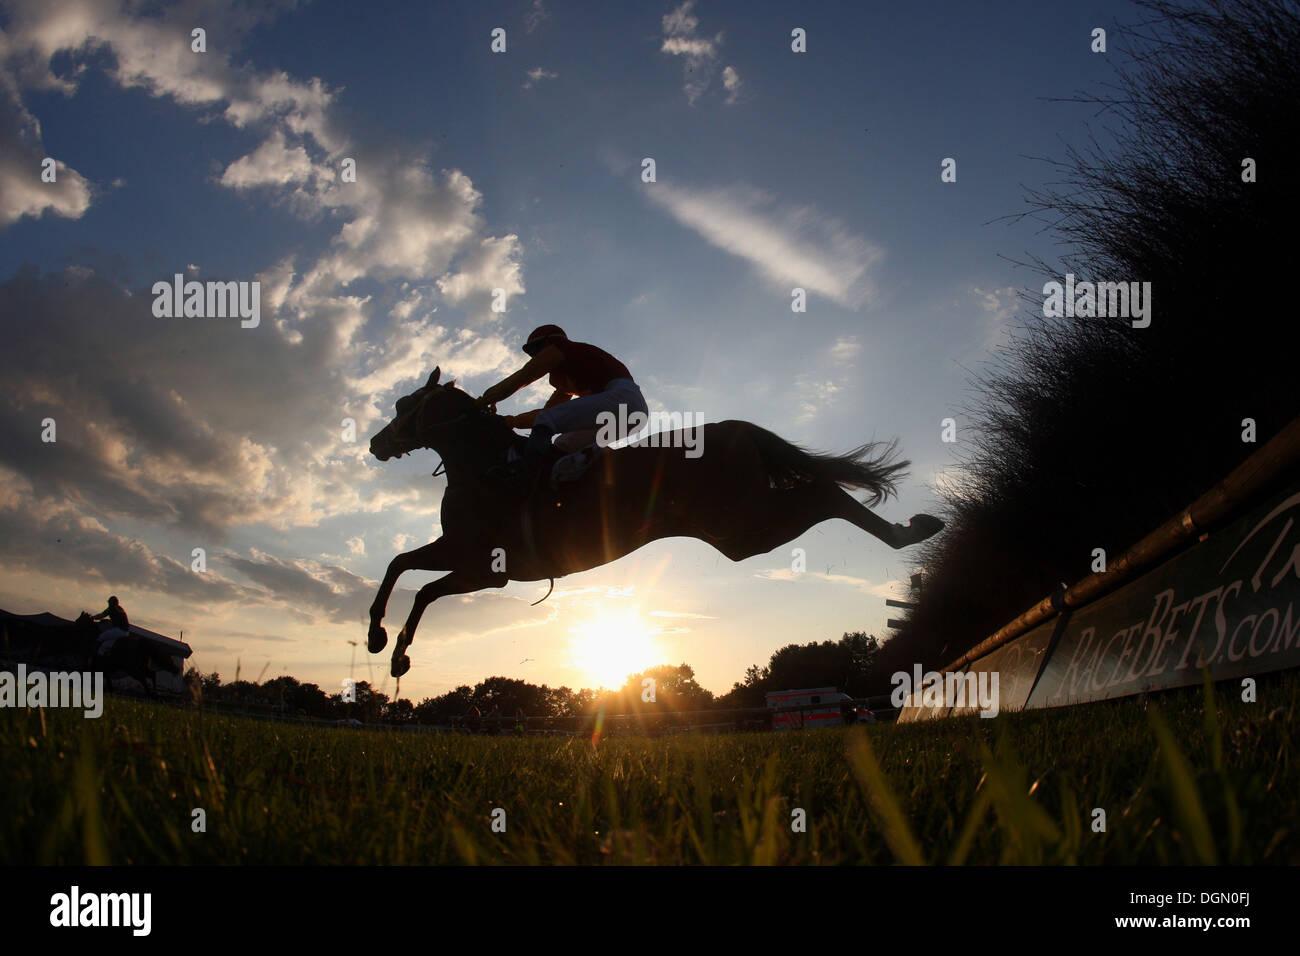 Hannover, Germania, silhouette, cavallo e fantino saltando un ostacolo Immagini Stock